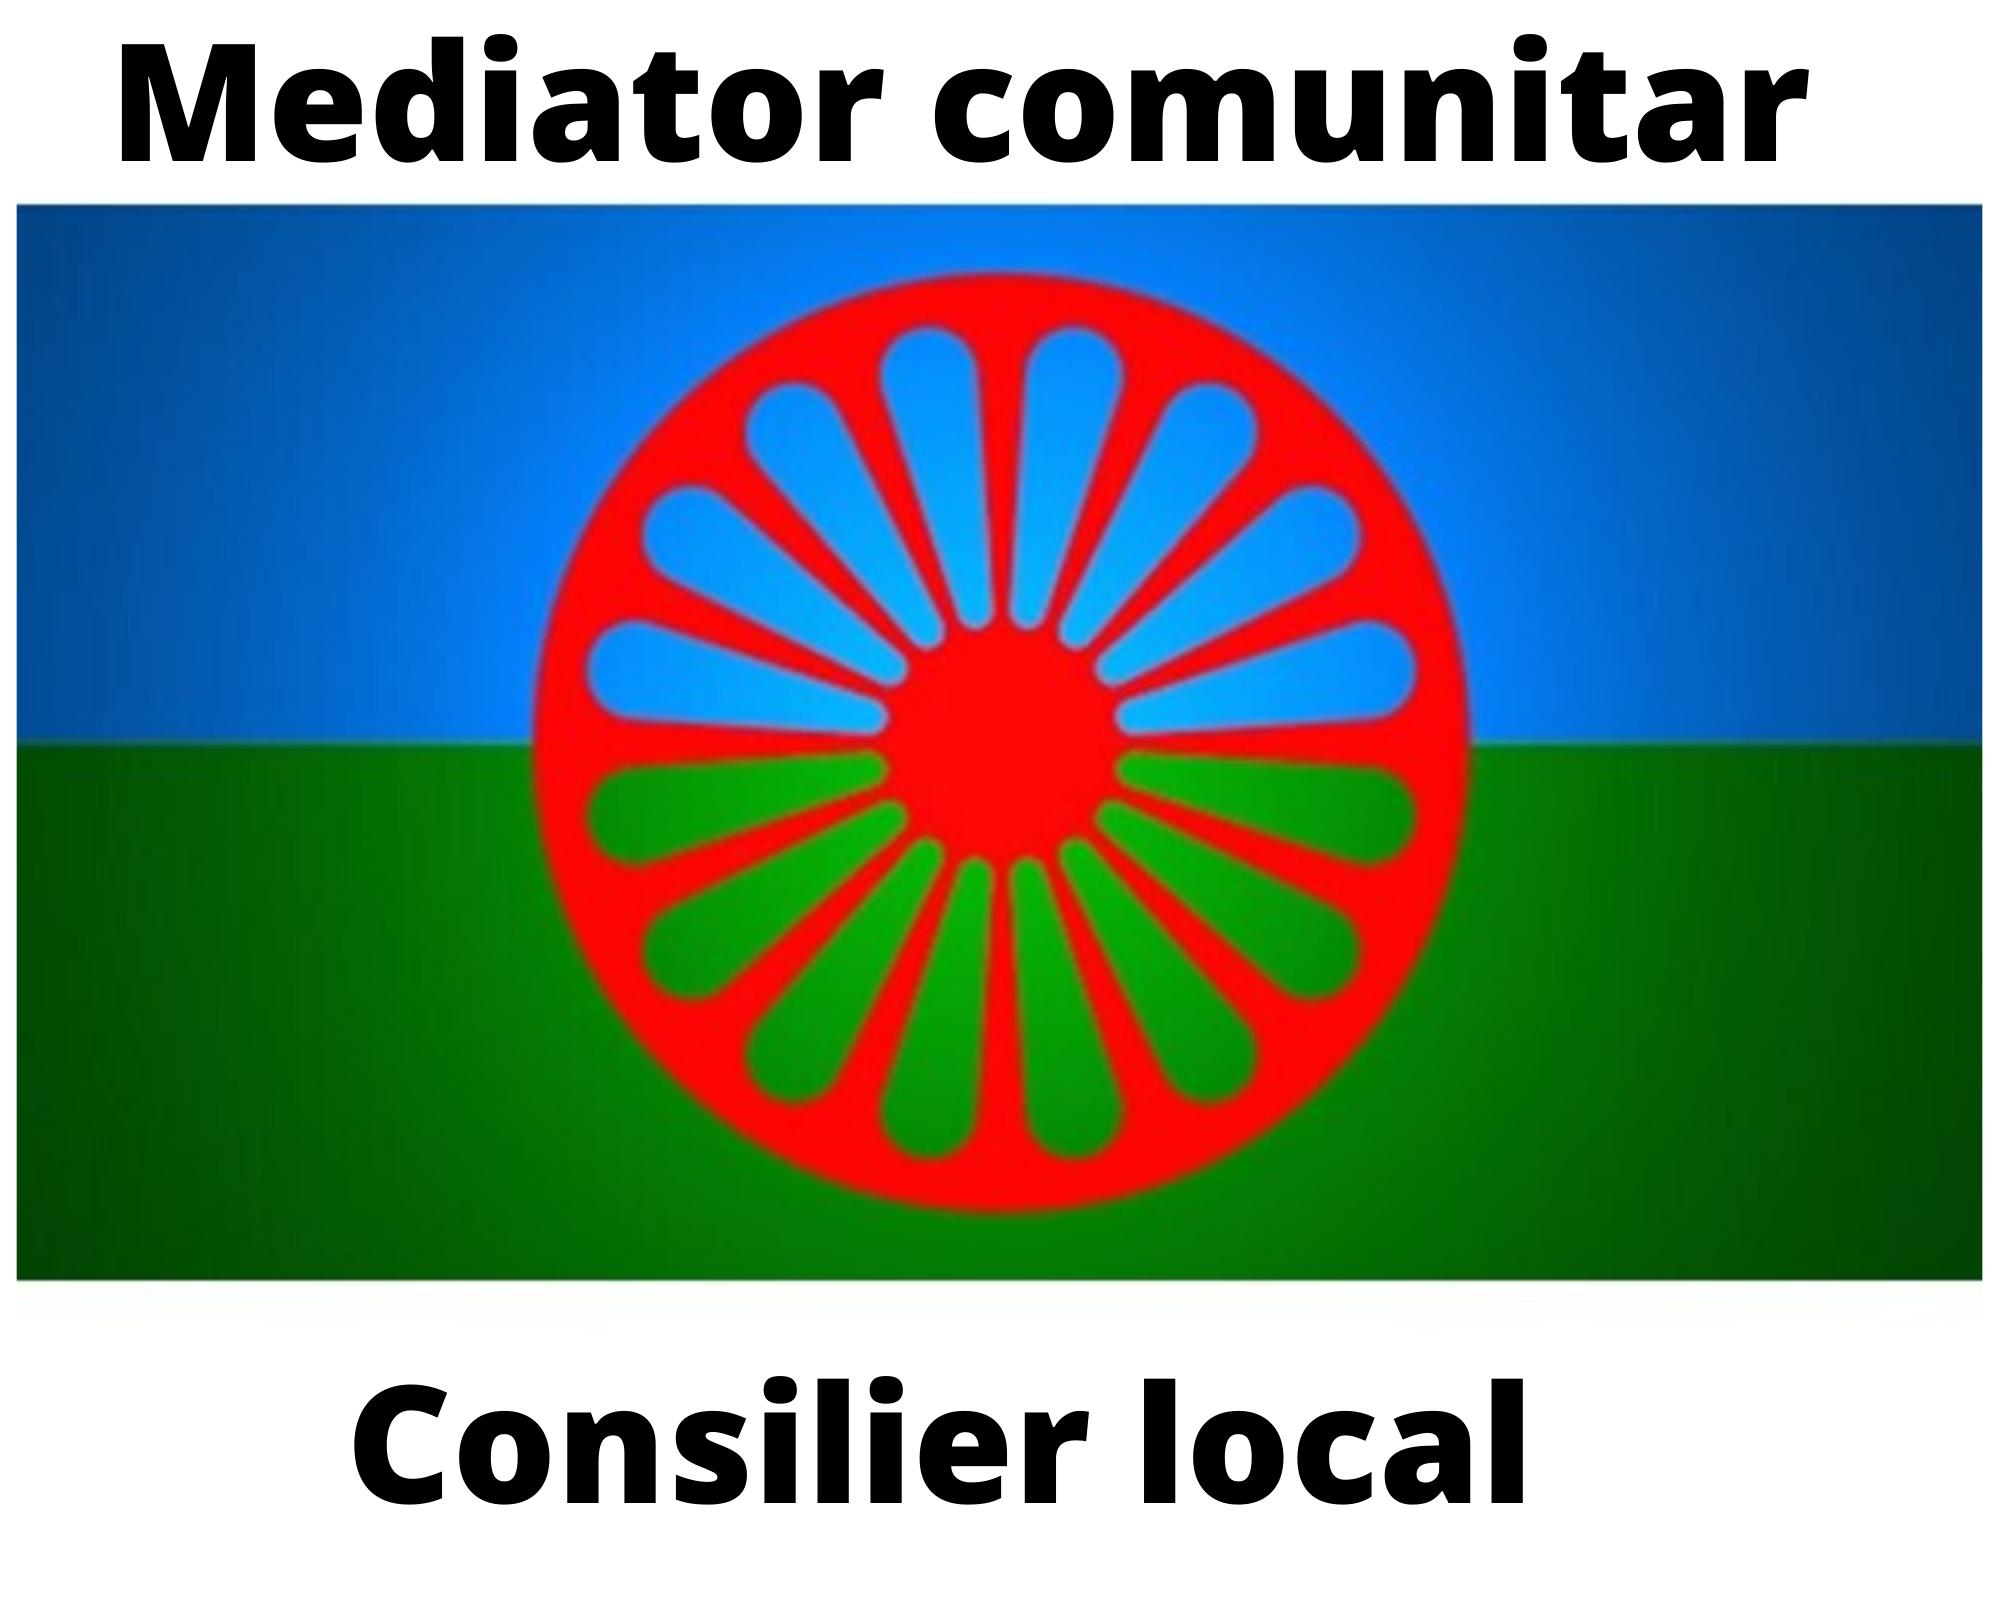 Mediatorii comunitari ar putea activa și în calitate de consilieri locali sau raionali